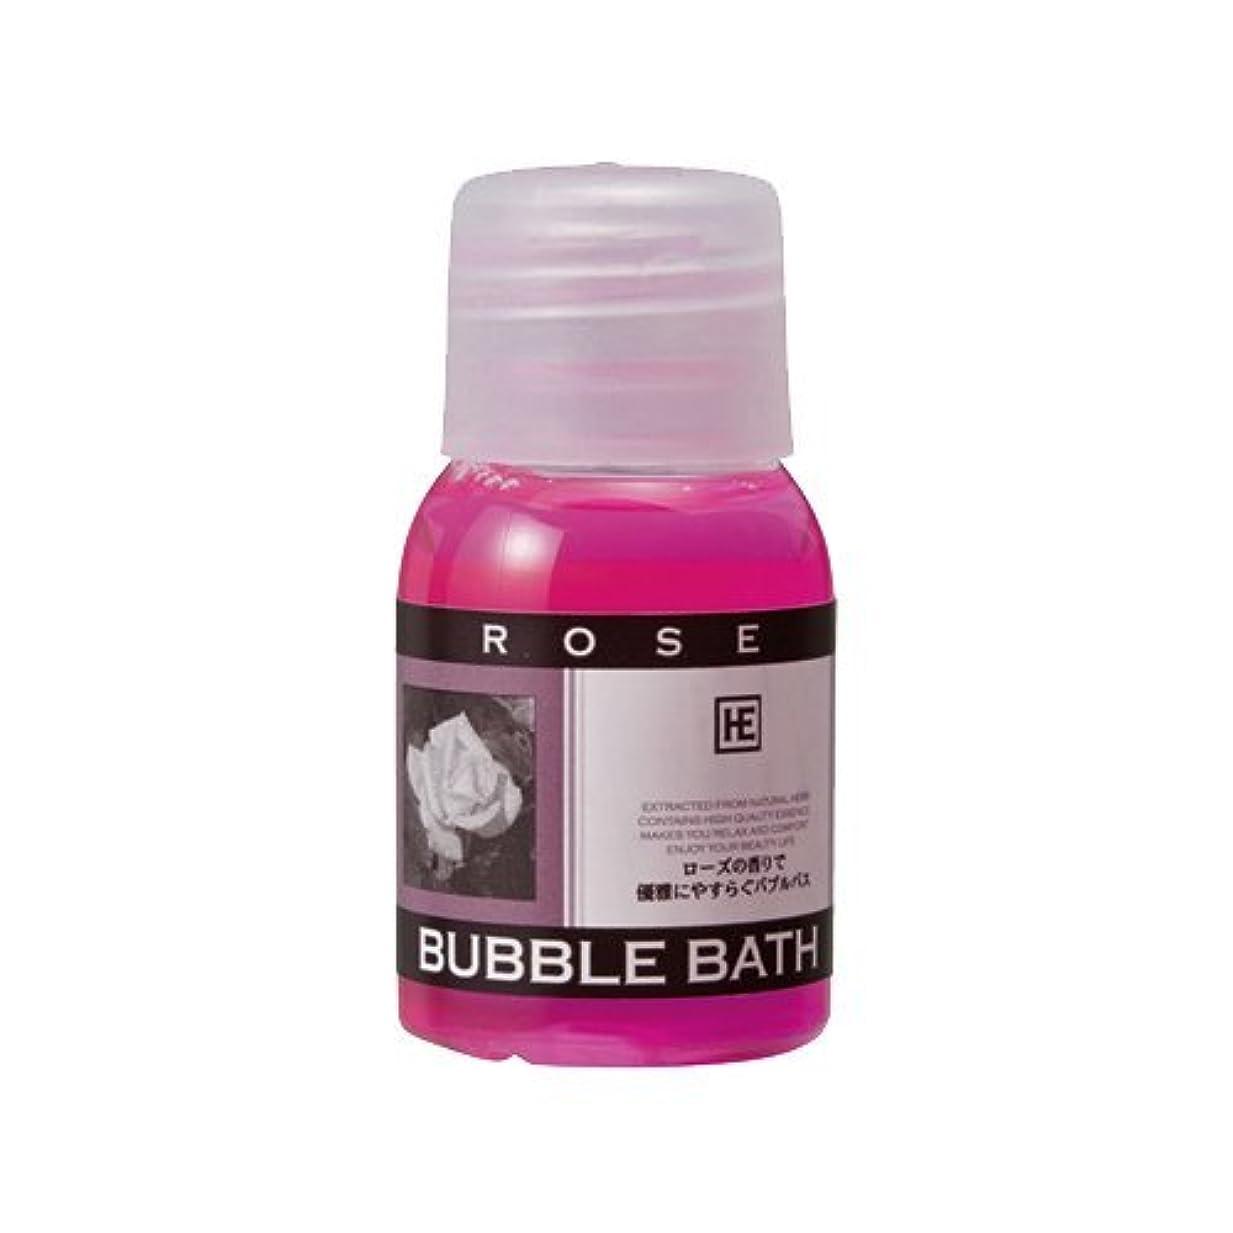 無法者パズル運賃ハーバルエクストラ バブルバス ミニボトル ローズの香り - ホテルアメニティ 業務用 発泡入浴剤 (BUBBLE BATH)